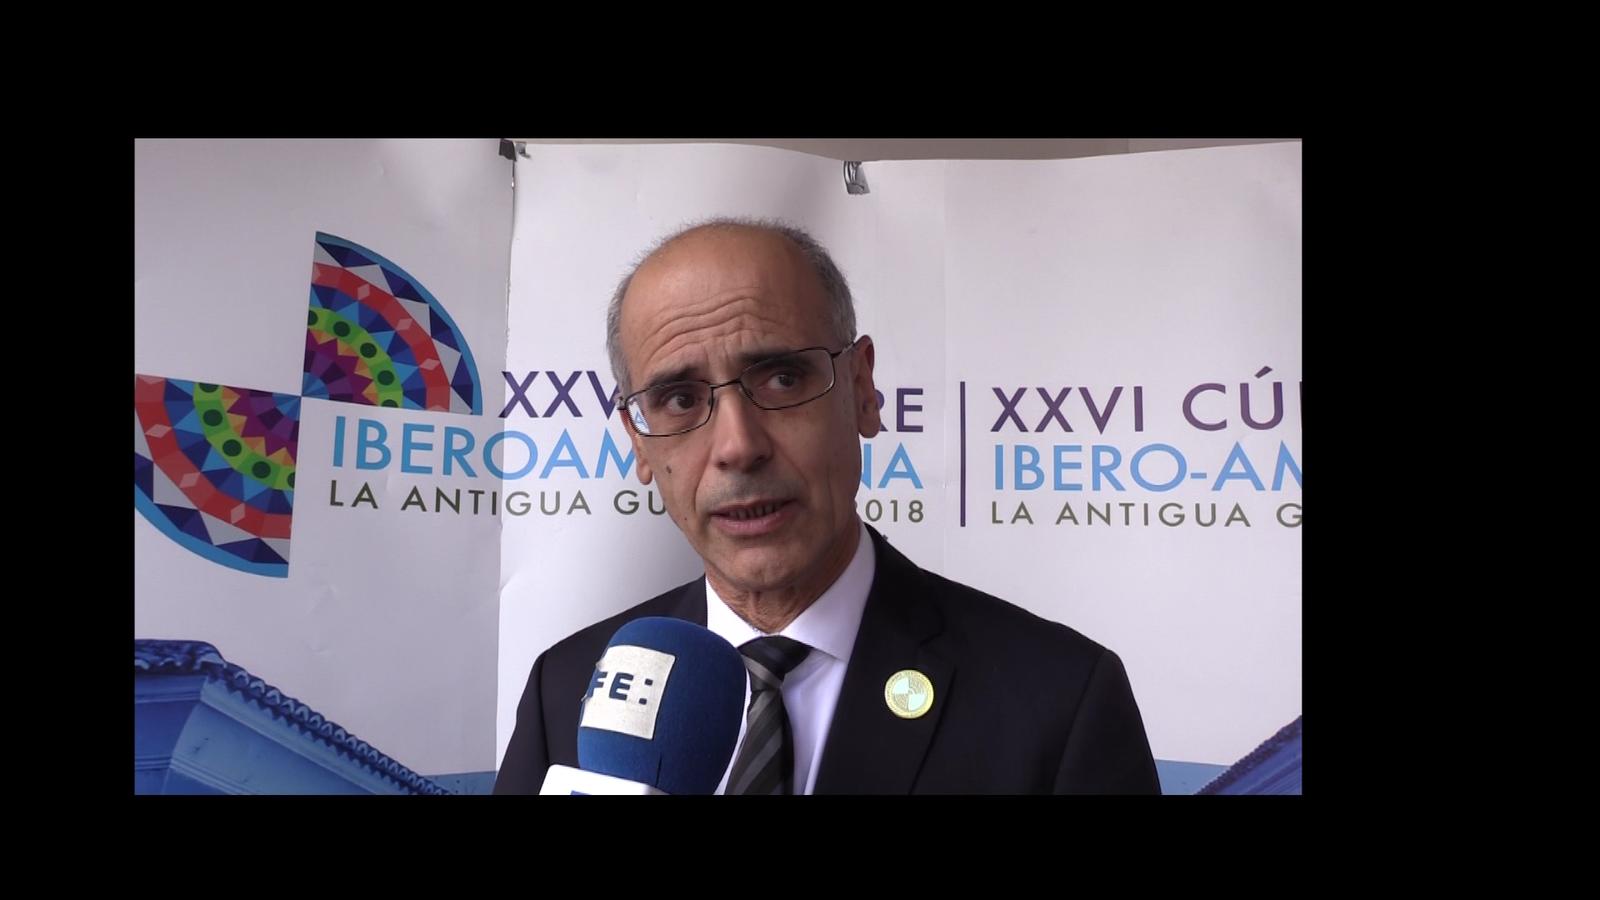 La participació d'Andorra a la Cimera Iberoamericana